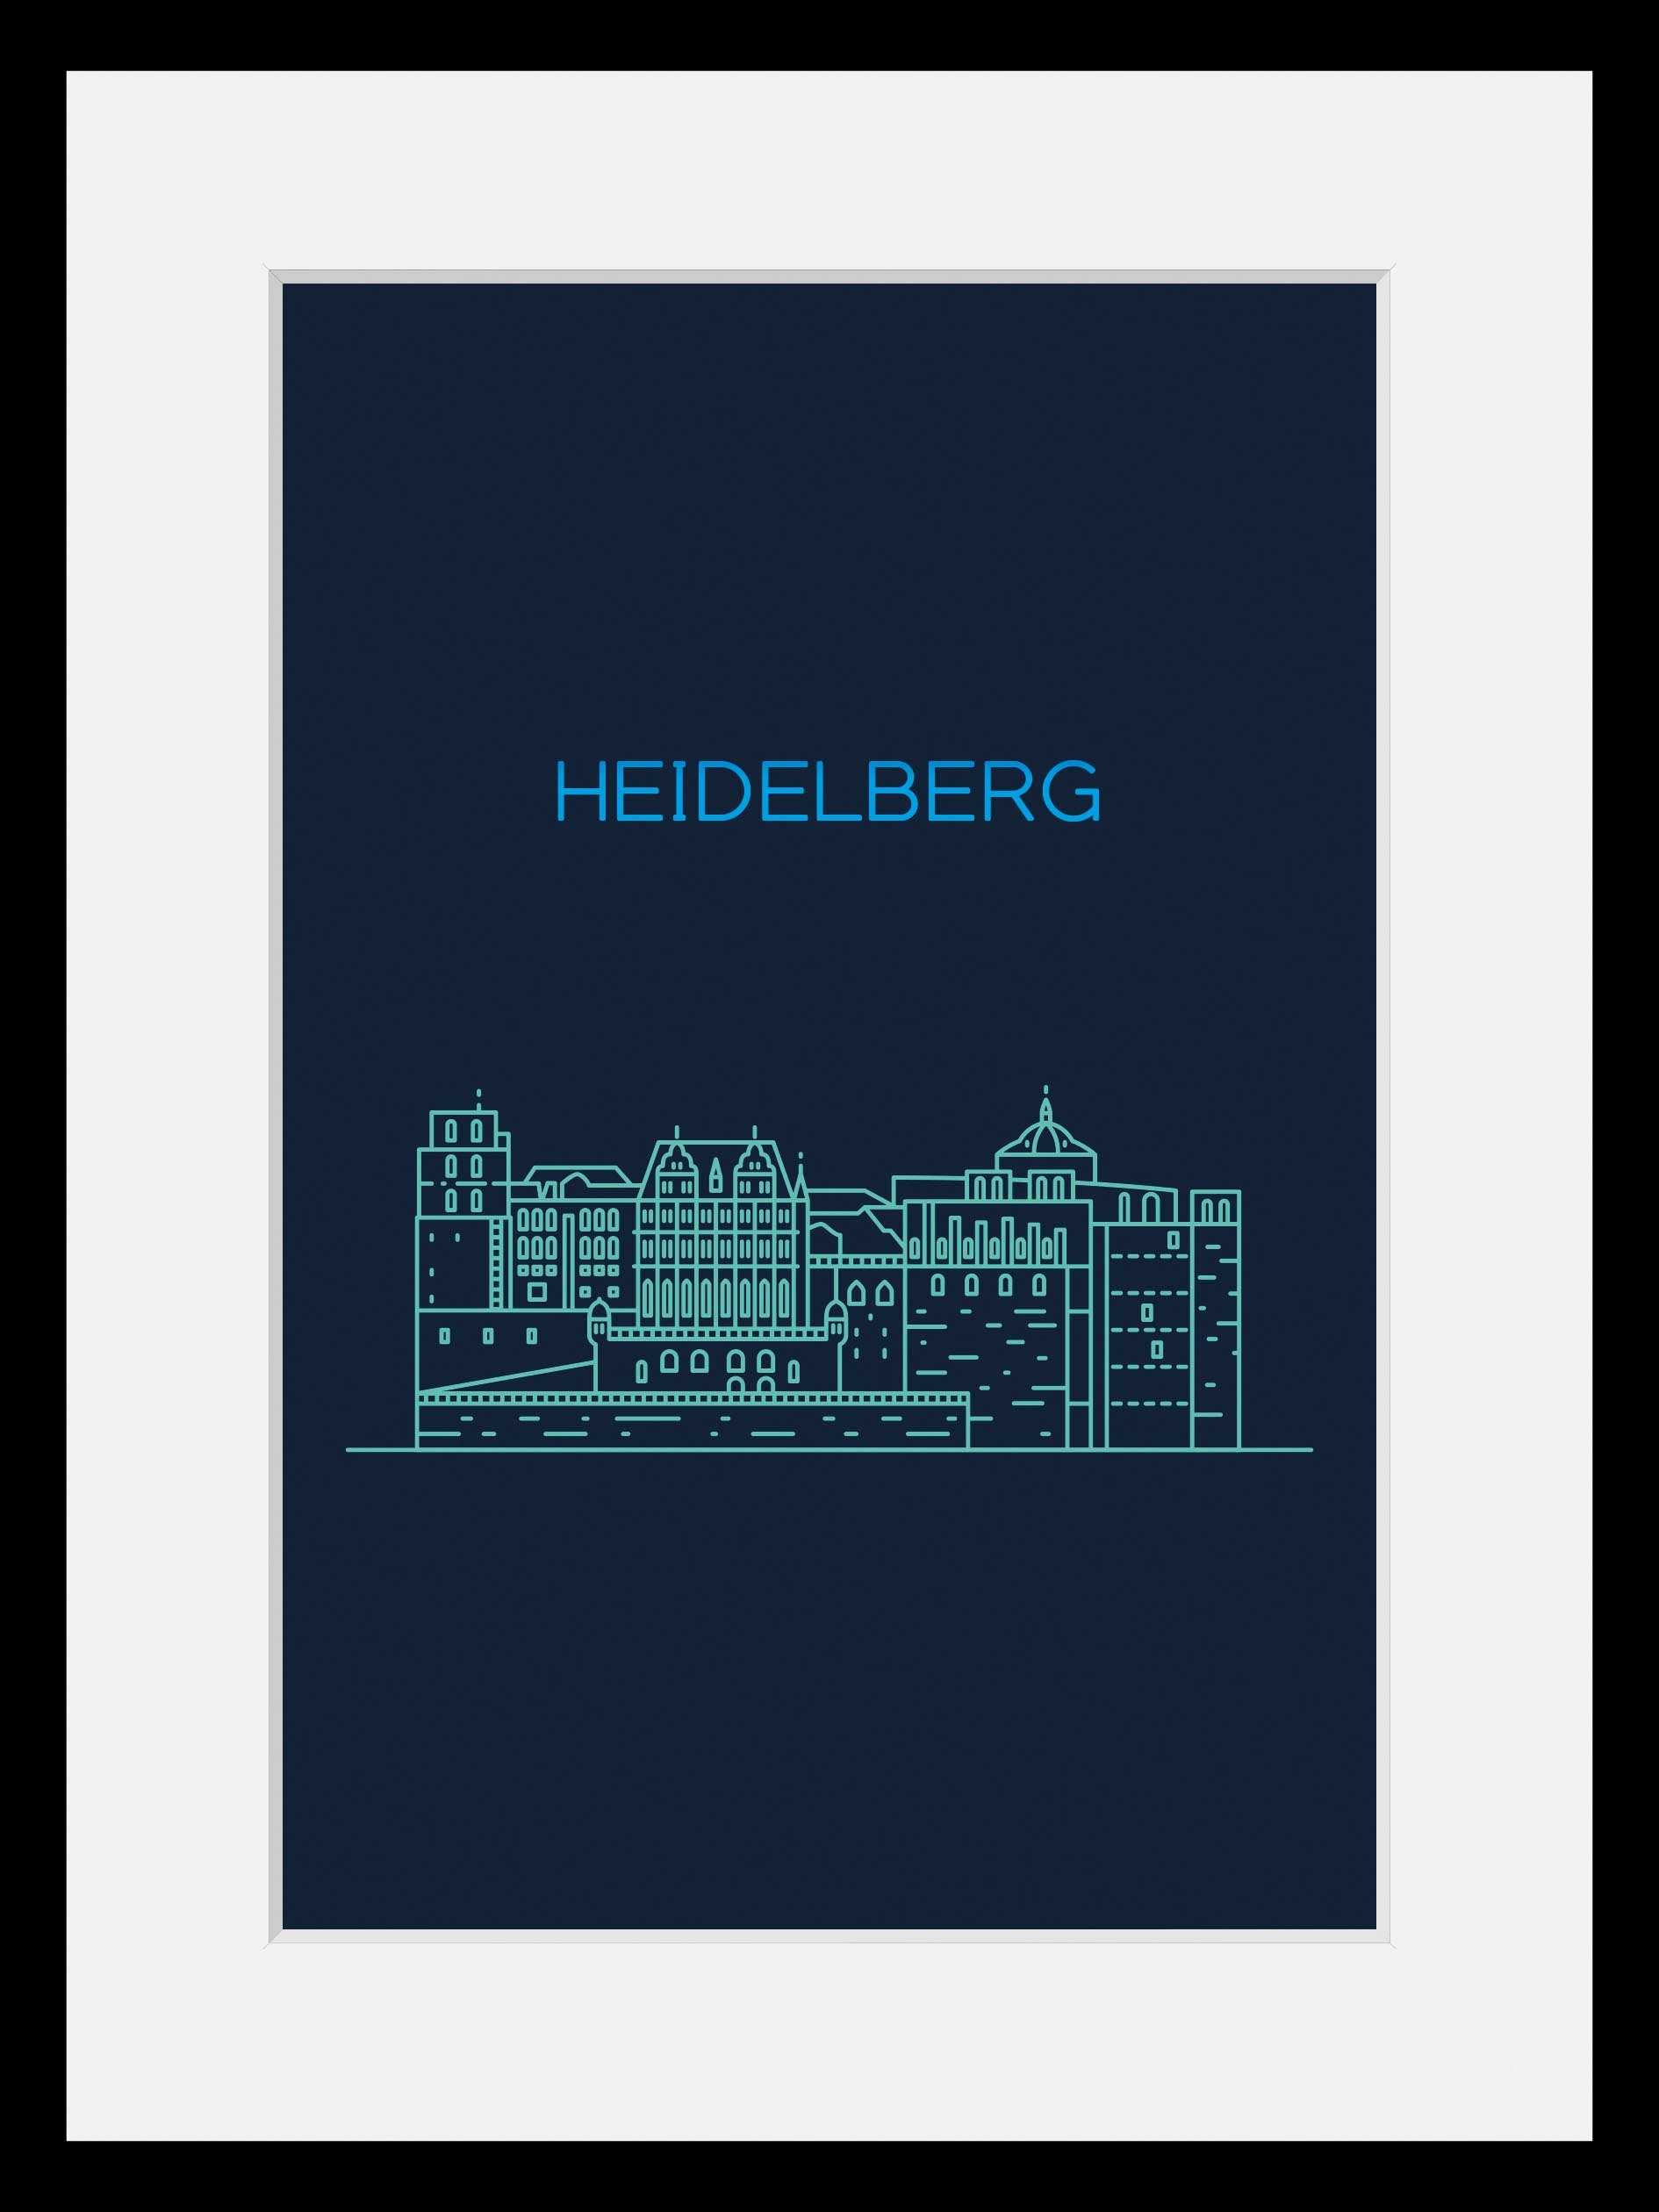 queence wanddecoratie Heidelberg sightseeing (1 stuk) veilig op otto.nl kopen